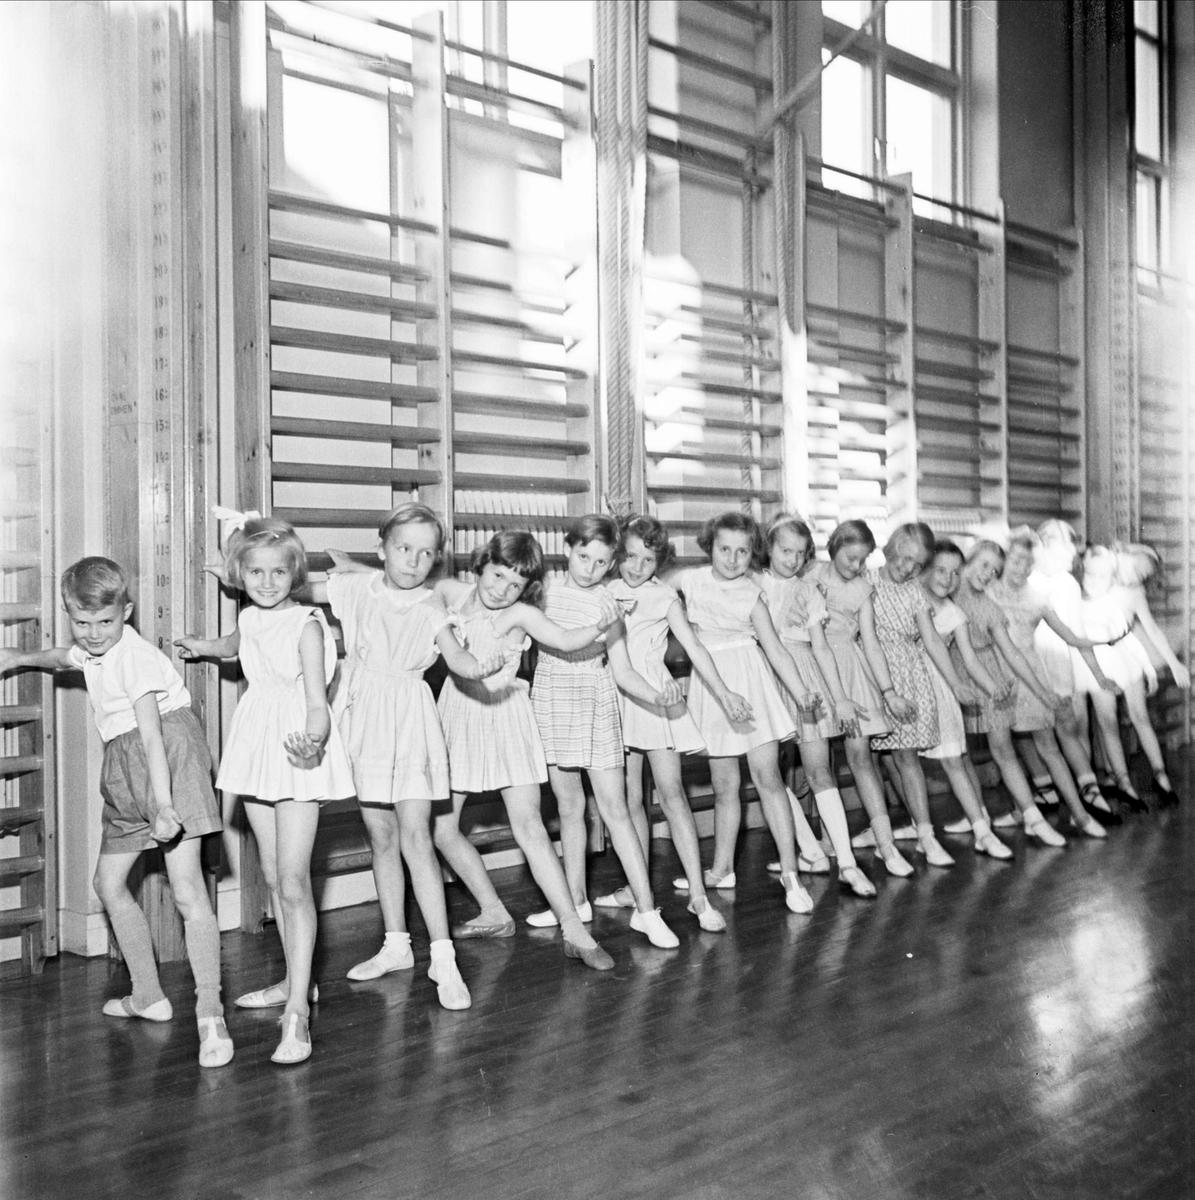 Balett i Nannaskolans gymnastiksal, Uppsala 1953